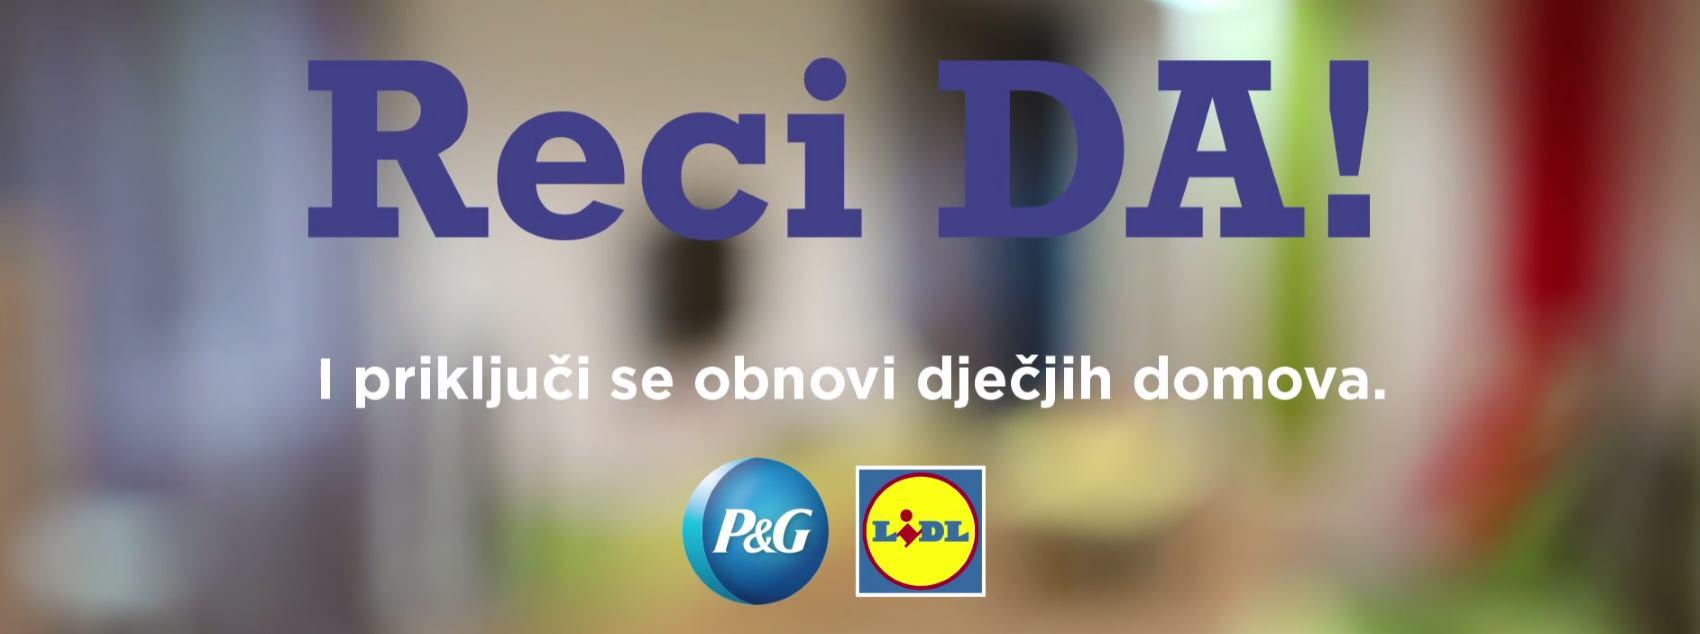 Završila kampanja 'Reci DA!' za dječje domove u Lovranu, Sisku i Dubrovniku